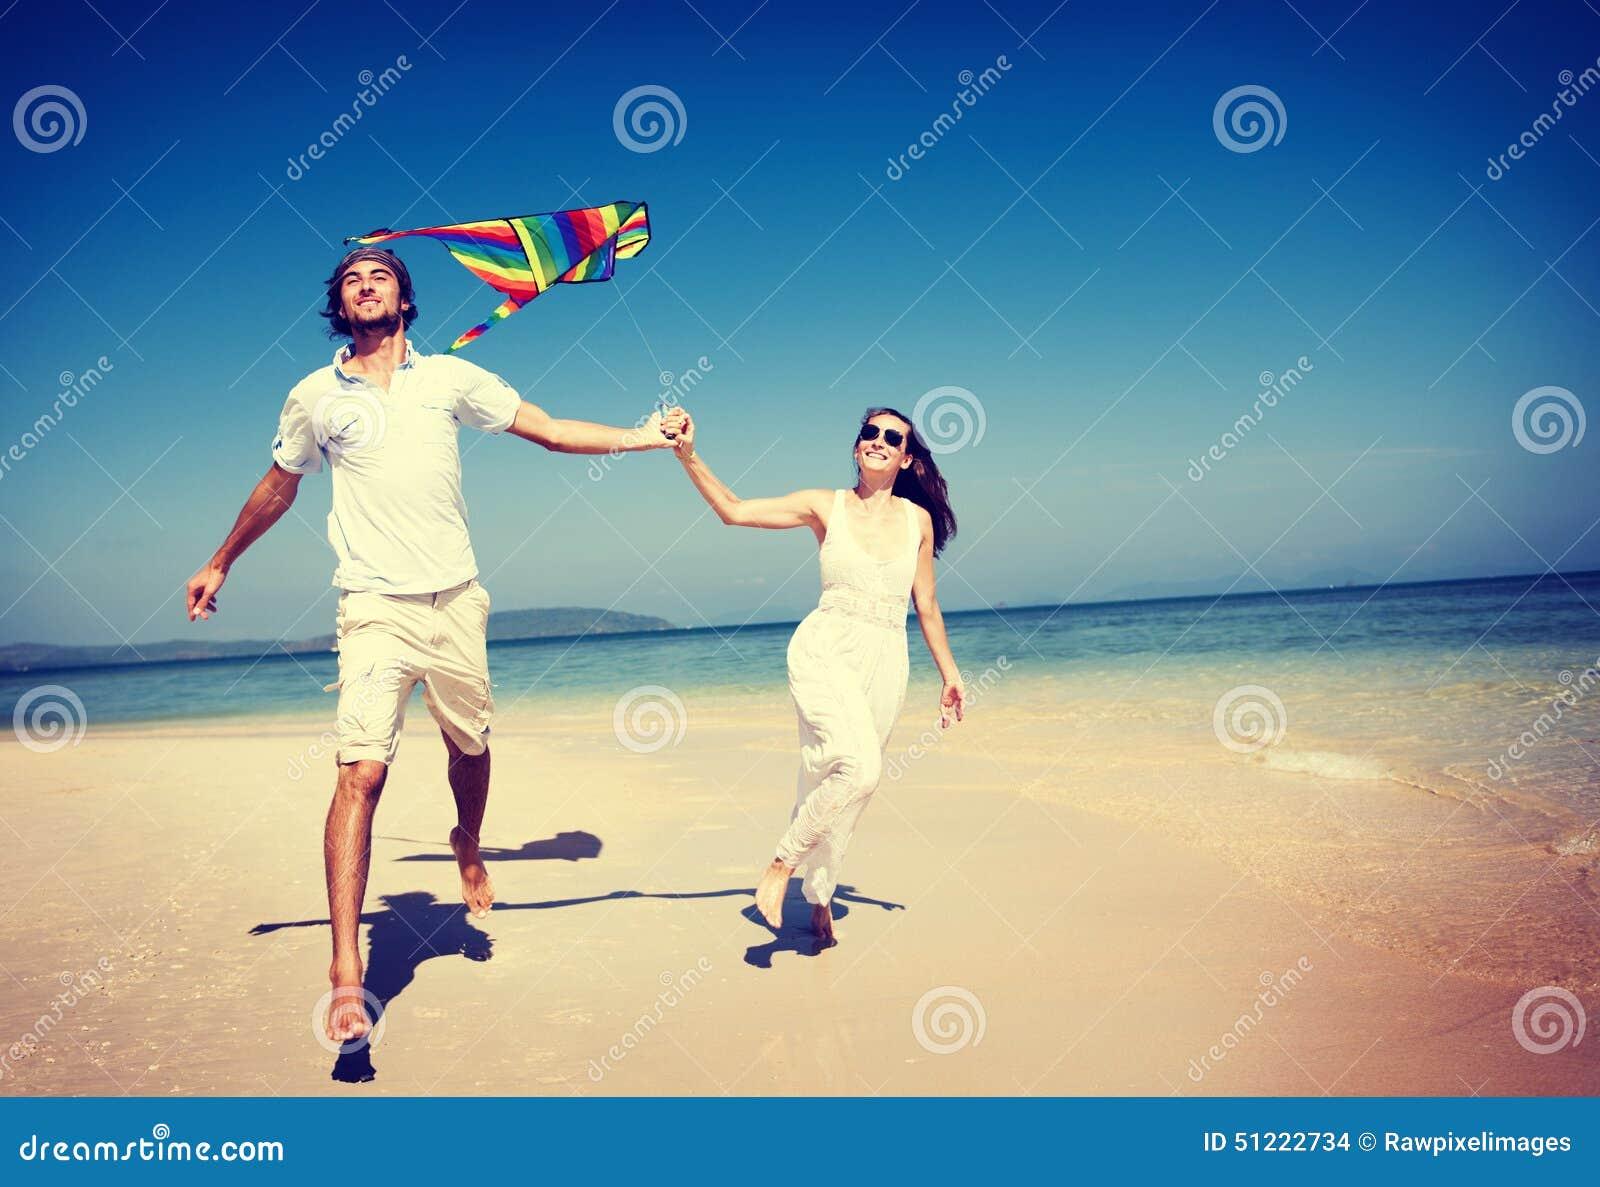 Paar-Strand-Drachen-Fliegen-Flucht-Feiertags-Konzept